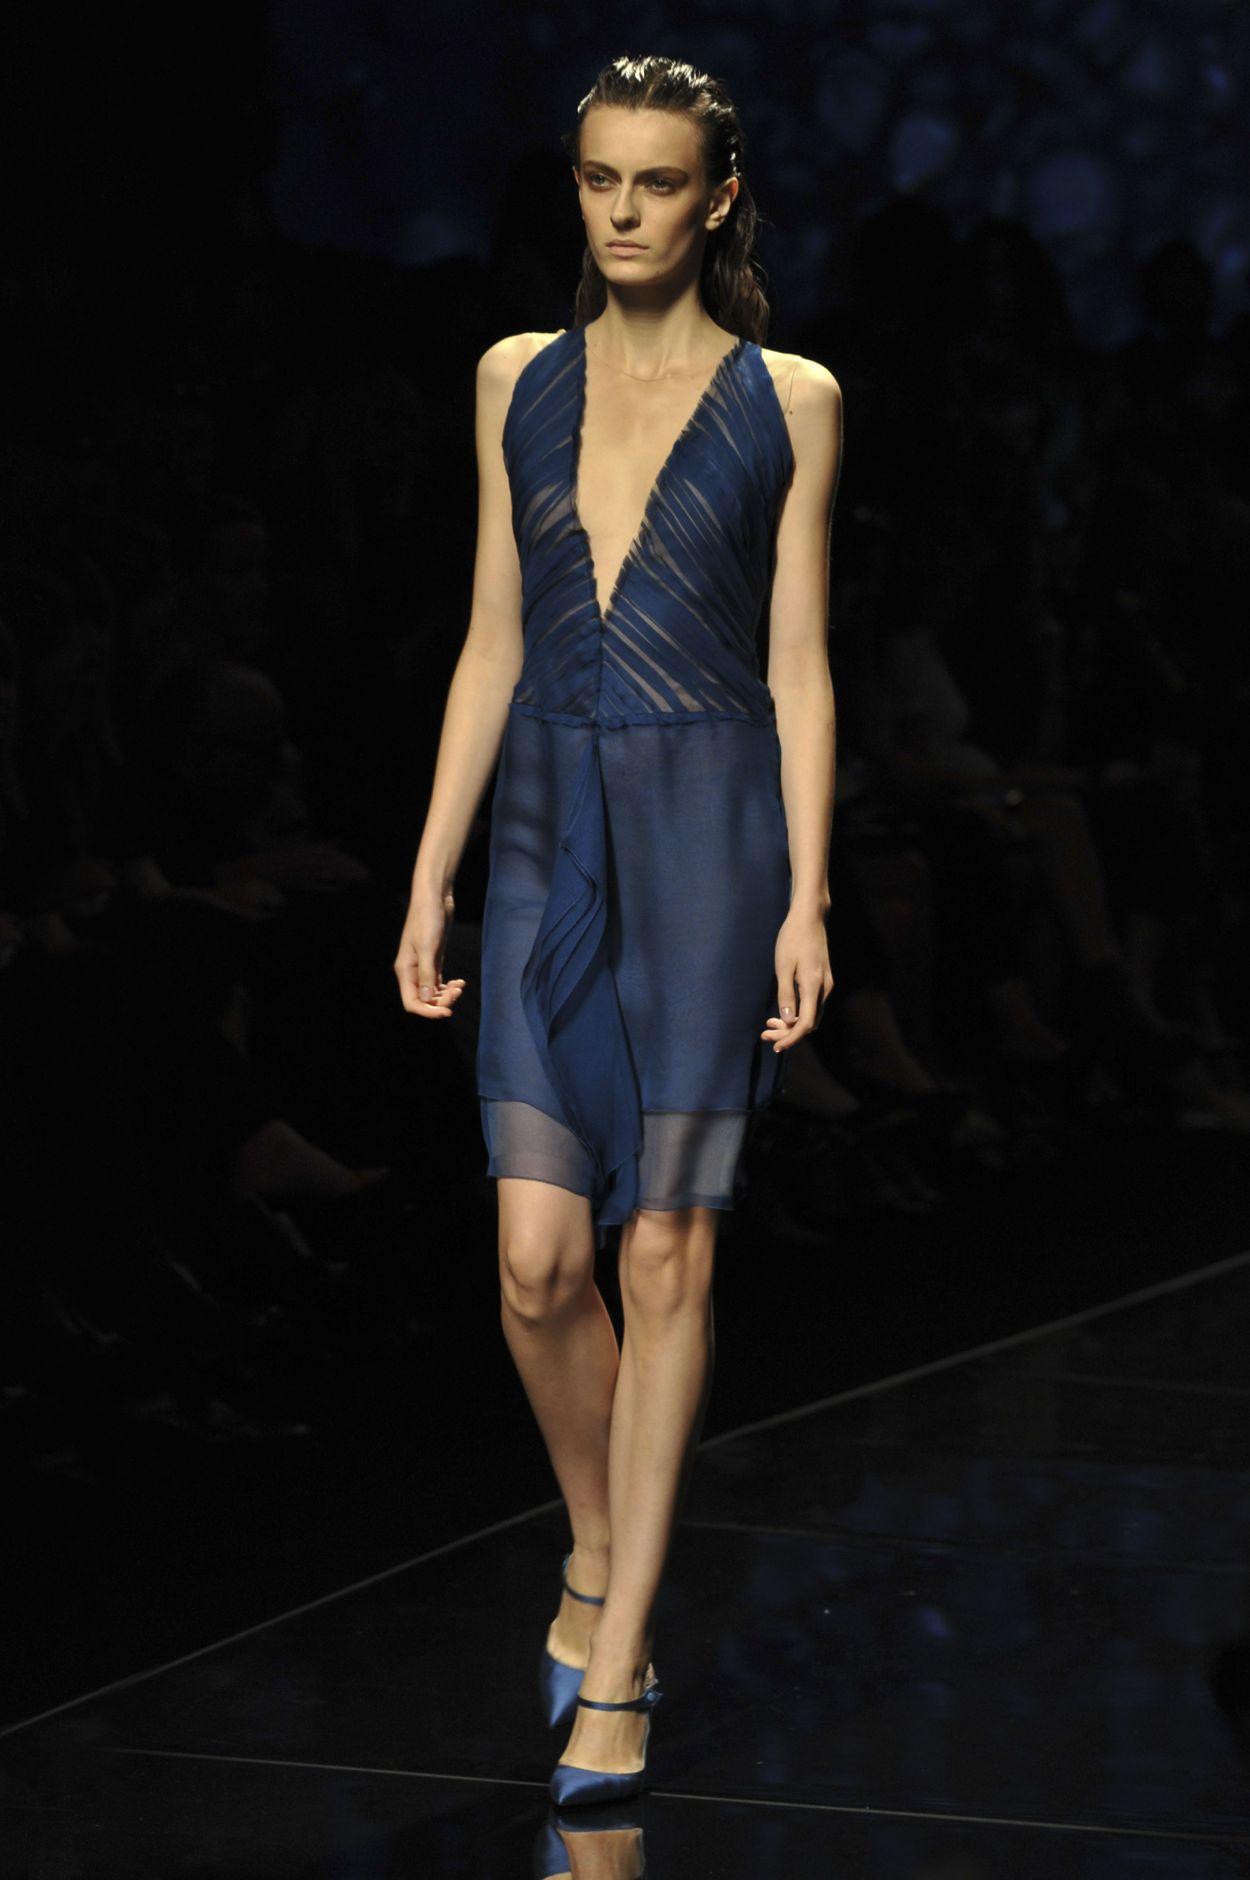 Alberta Ferretti SS 2013 Milan Fashion Week